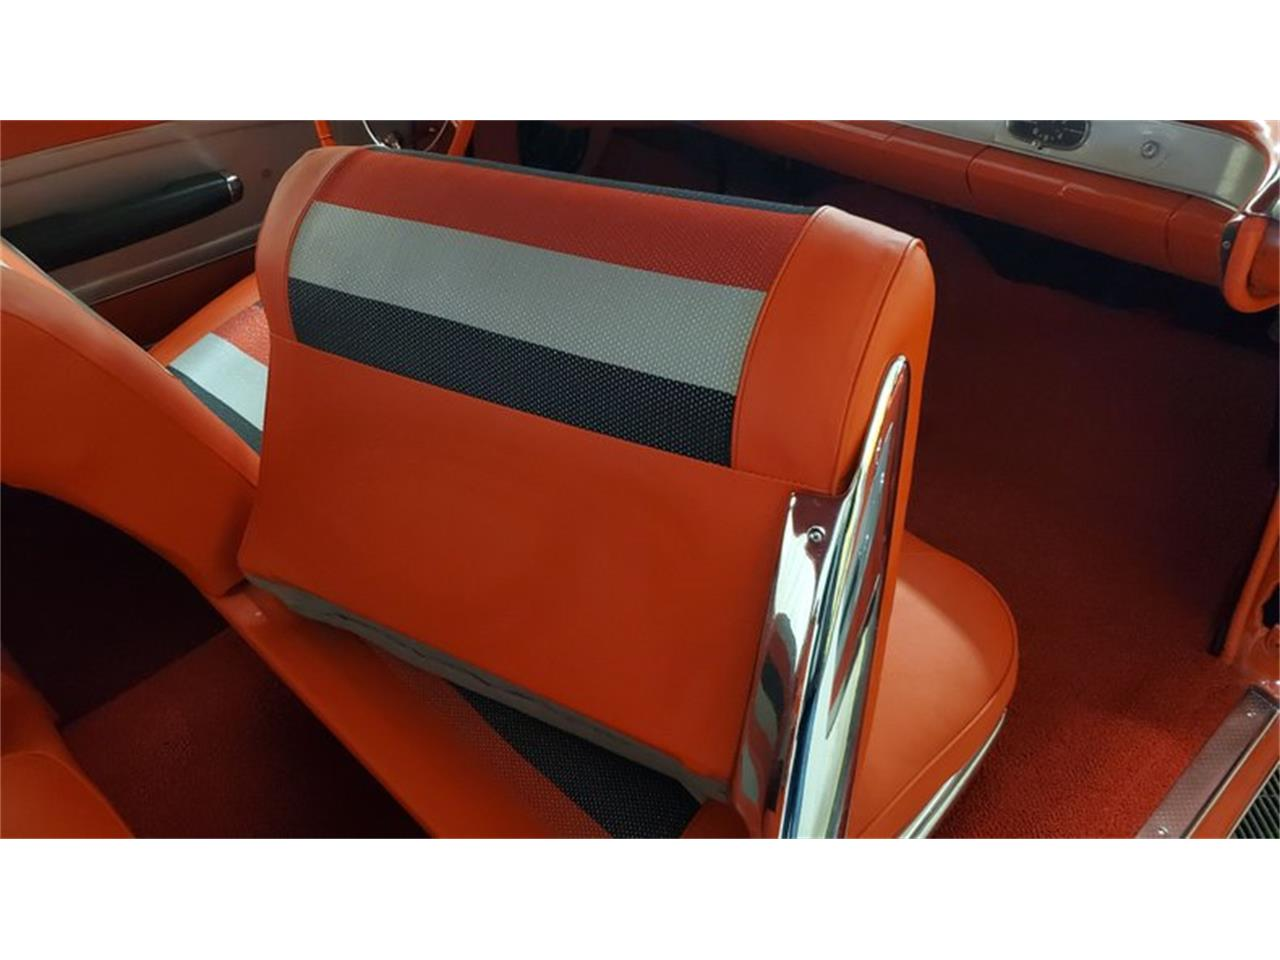 1958 Chevrolet Impala (CC-1296967) for sale in Mankato, Minnesota